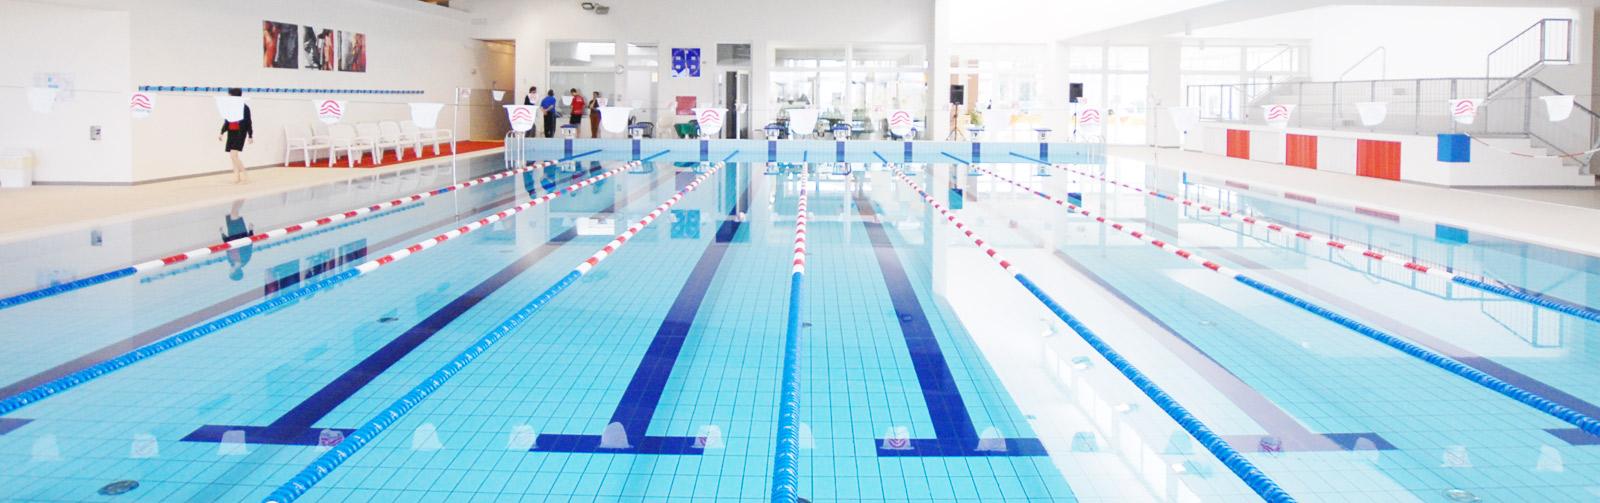 Piscine e corsi Conselve nuoto